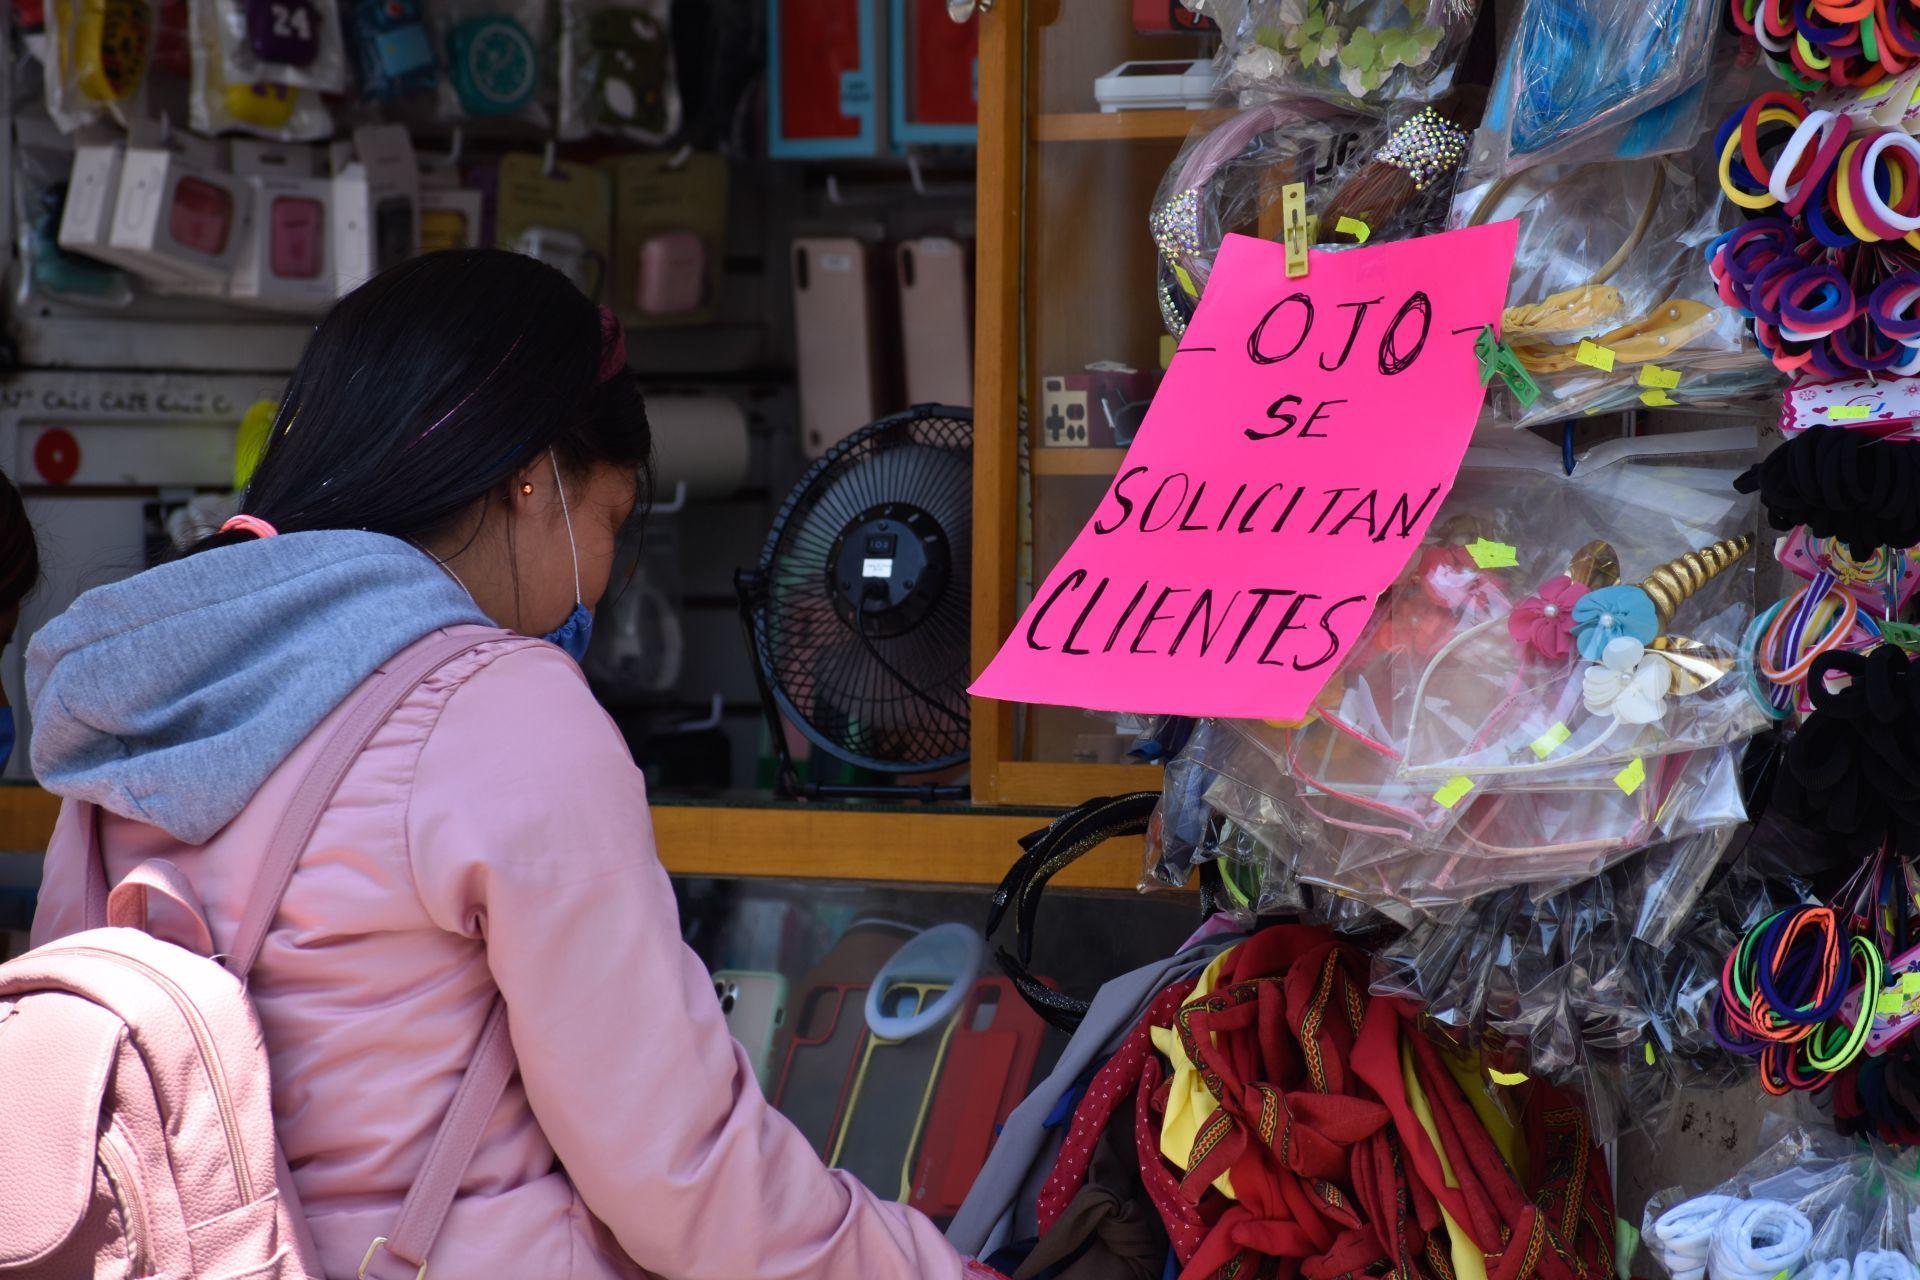 Credito-Covid-19-Microempresas-Fondeso-Requisitos-Gobierno-2020-Tramites-Apoyo, Ciudad de México, CDMX, 14 de abril 2020